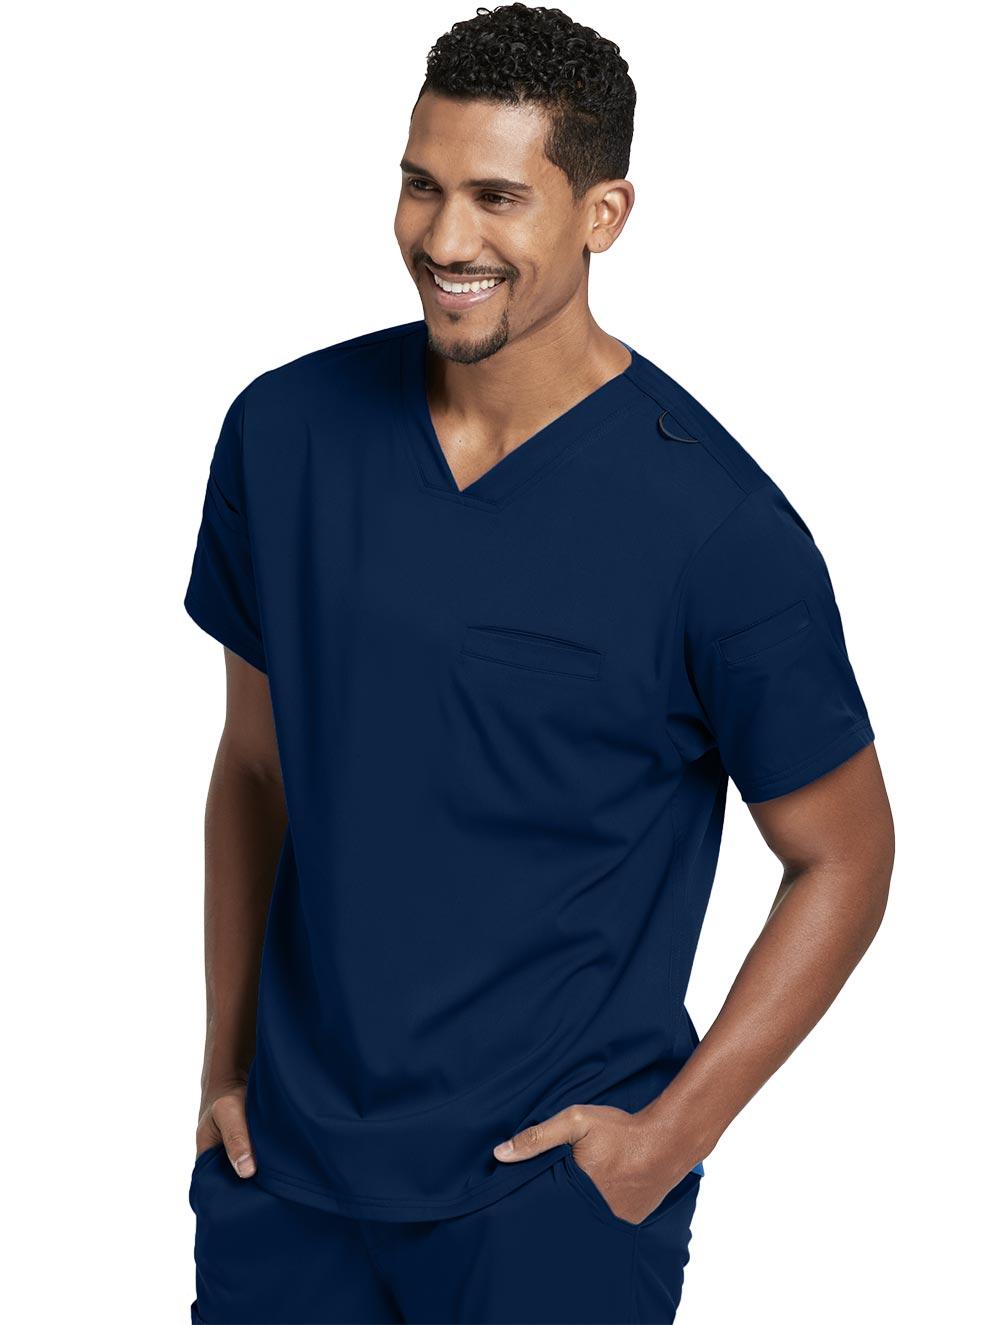 Grey's Anatomy Spandex Stretch Mens 3-Pocket Sport V-neck Top